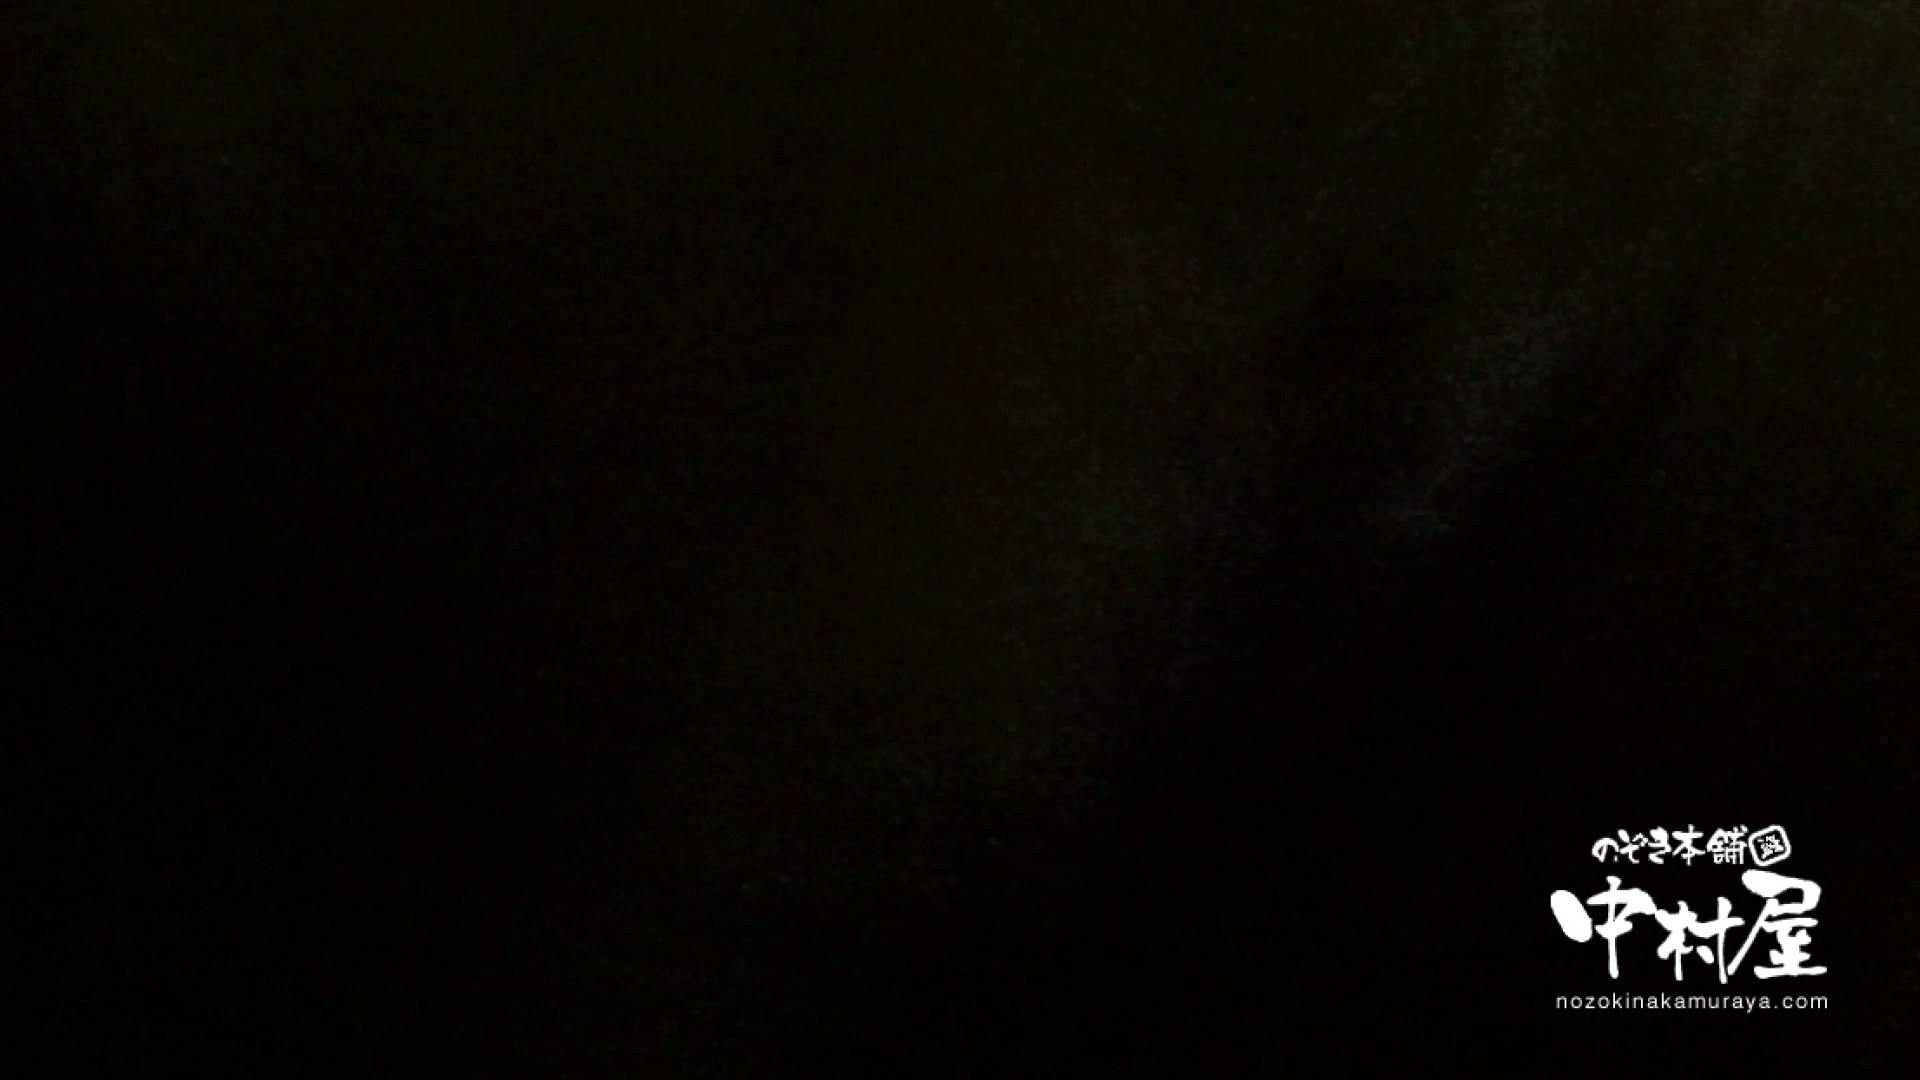 鬼畜 vol.02 もうやめて! 前編 OLの実態  24pic 8